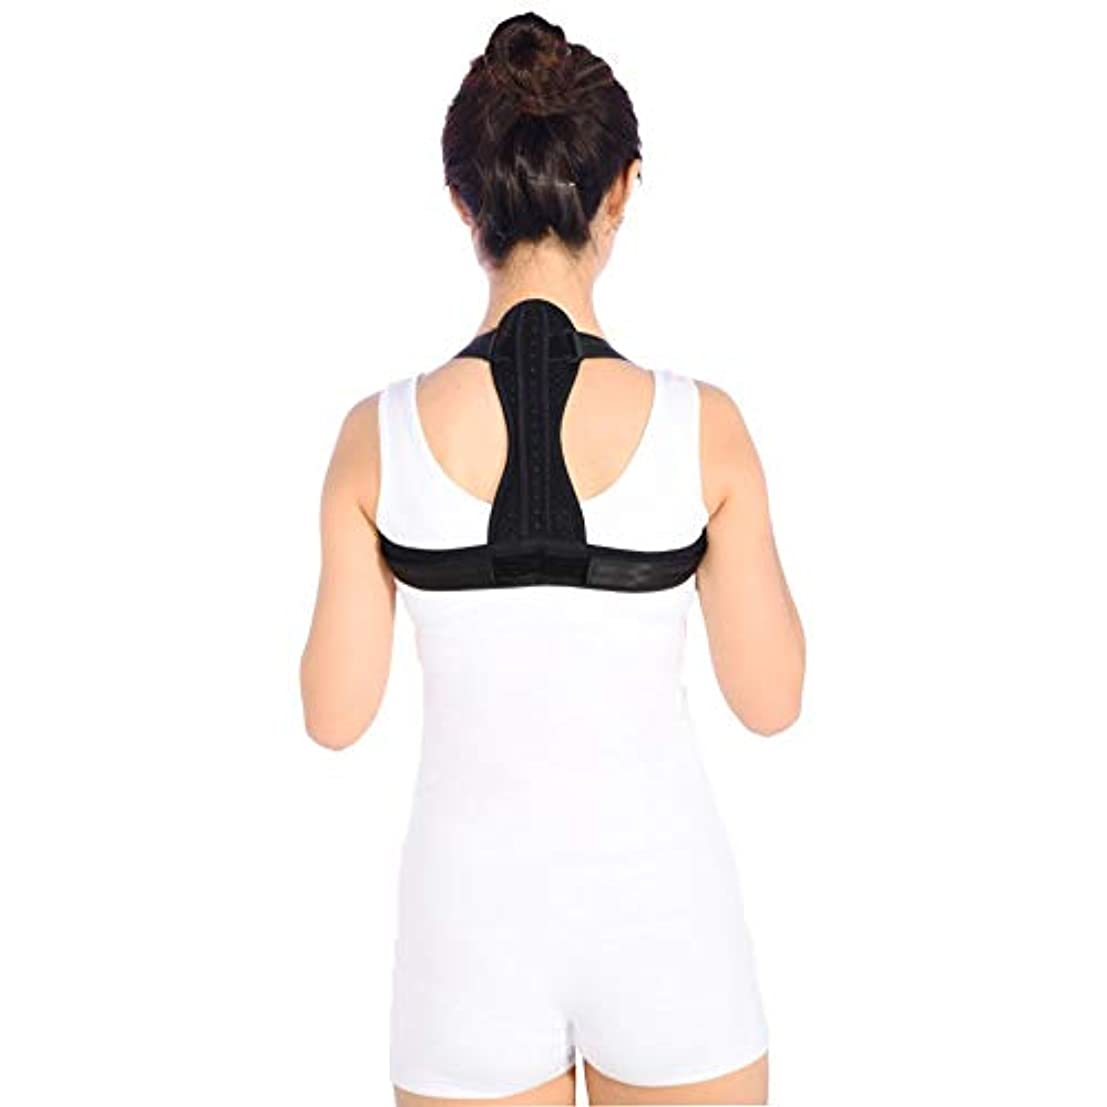 終点伝統心から通気性の脊柱側弯症ザトウクジラ補正ベルト調節可能な快適さ目に見えないベルト男性女性大人学生子供 - 黒